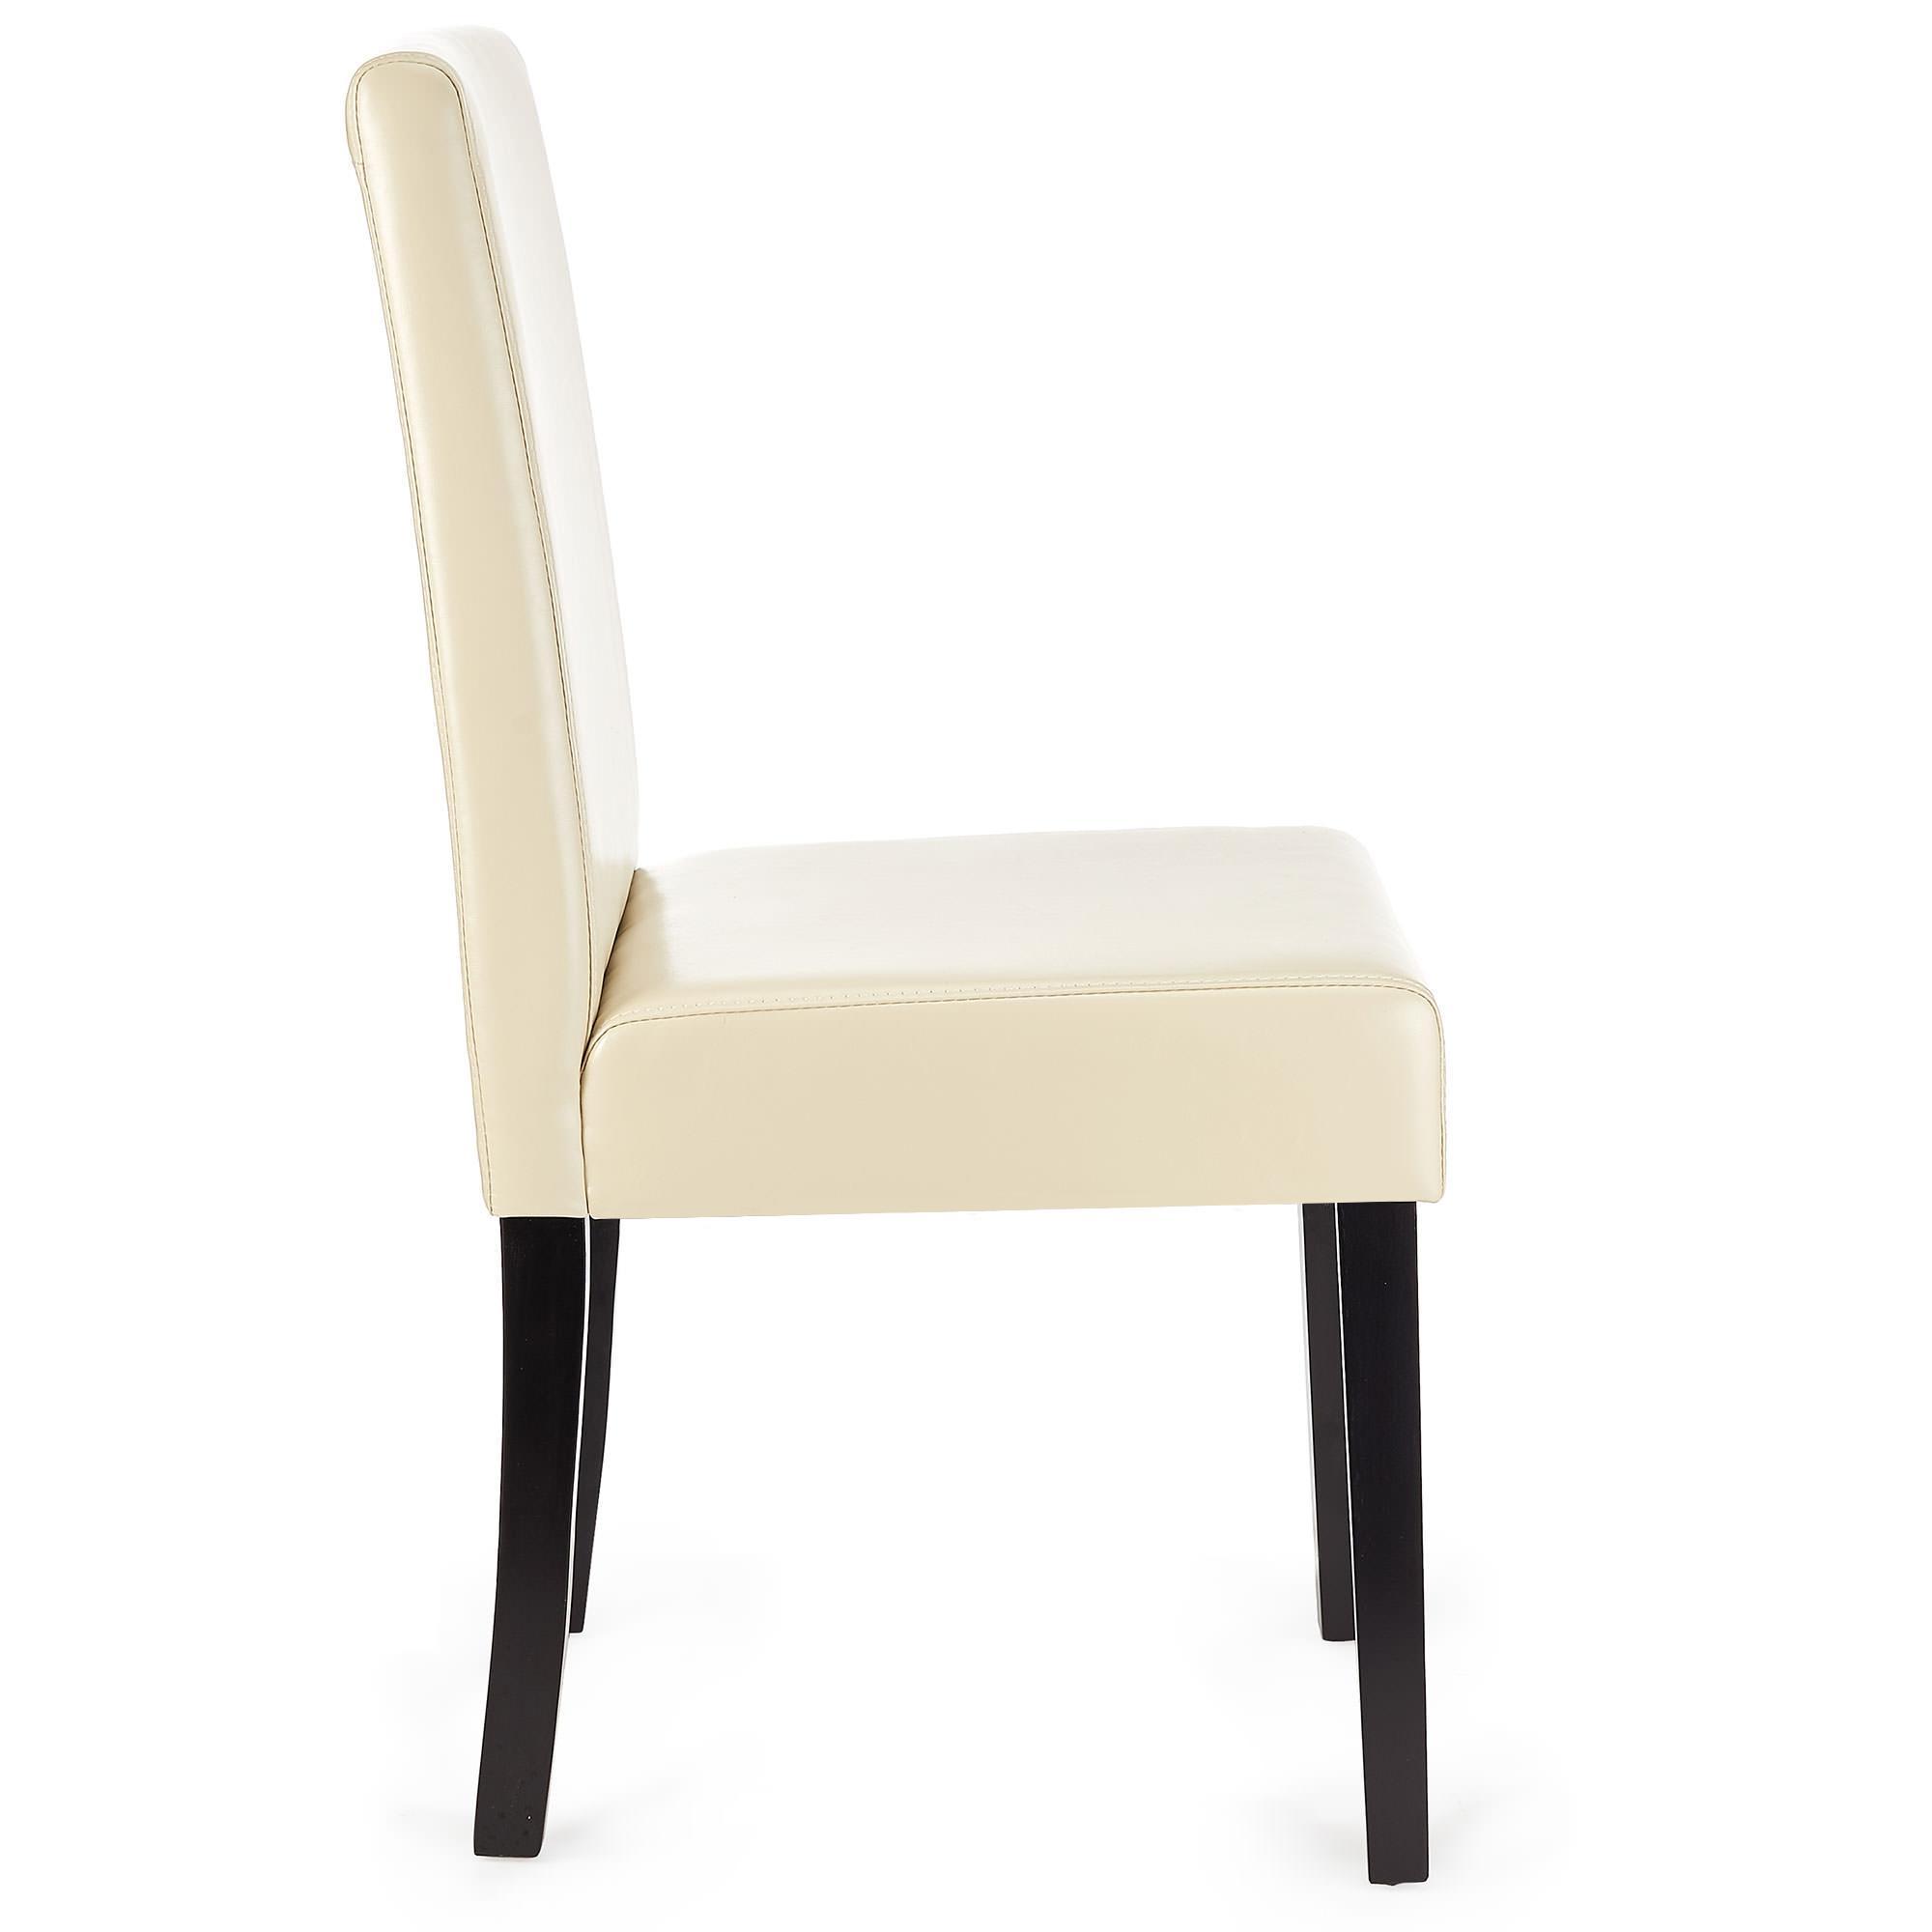 Lote 6 sillas m01 madera y polipiel crema patas oscuras for Comedor sillas de colores